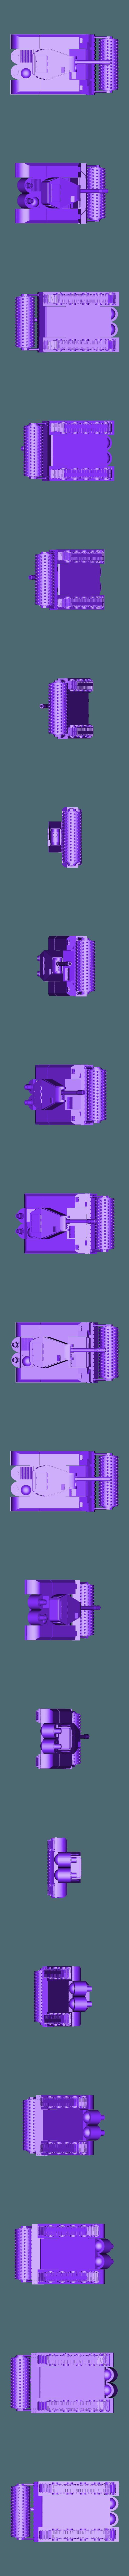 """bone_breaker.stl Télécharger fichier STL gratuit Ork / Orc Tank """"Bone Breaker"""" 28mm wargames véhicule • Plan pour impression 3D, redstarkits"""